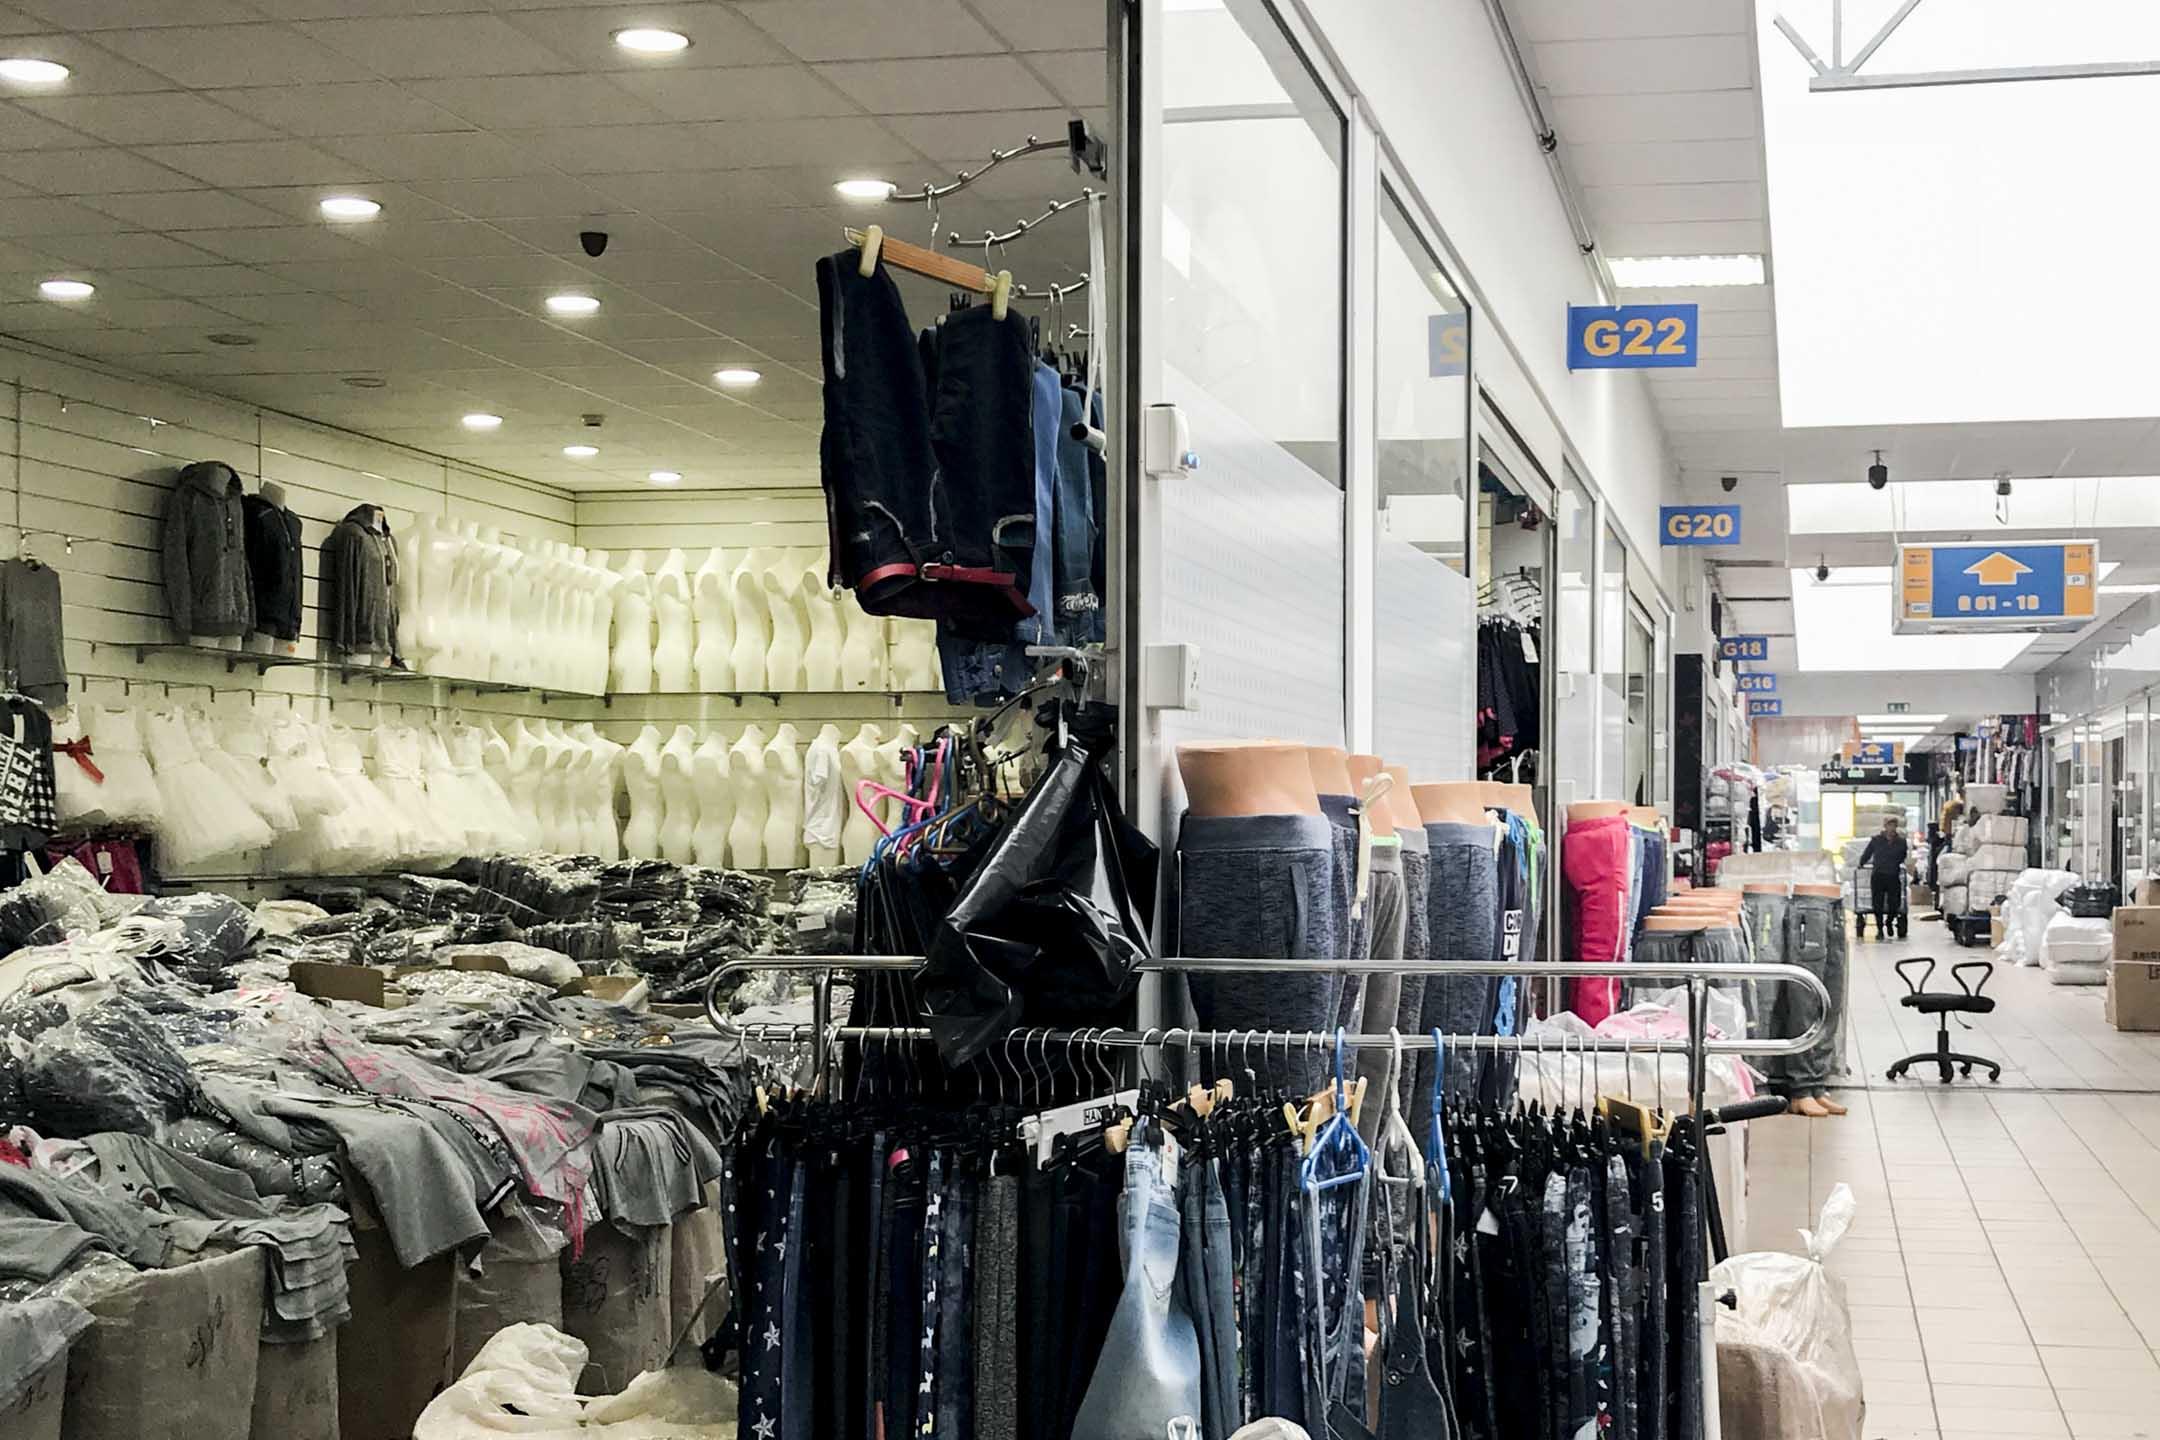 偌大的商城,很多空間閒置着,也不乏關着店門打包撤退的商家。